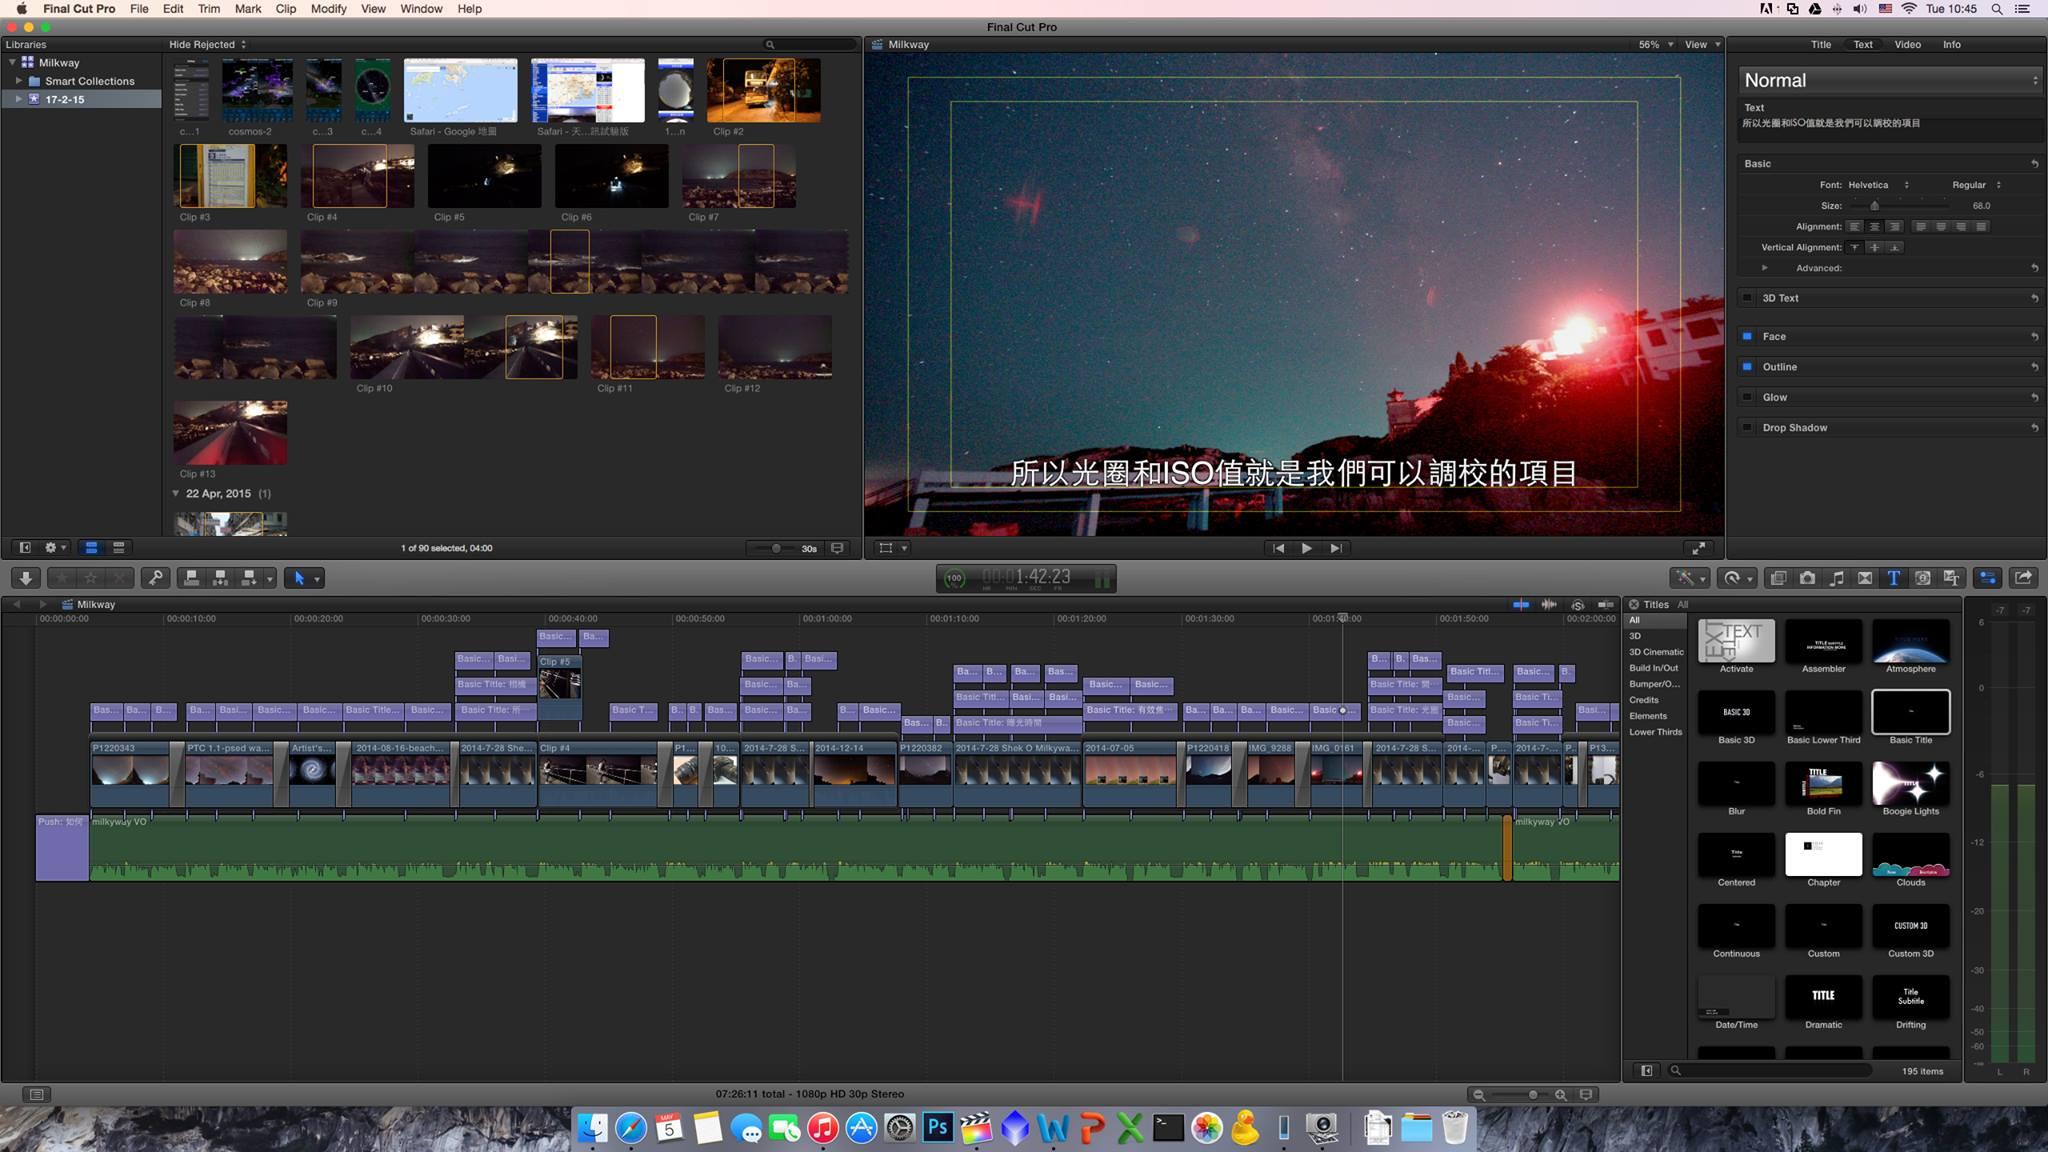 星途17 – 製作拍攝夏季銀河的教學片 – 2015 May